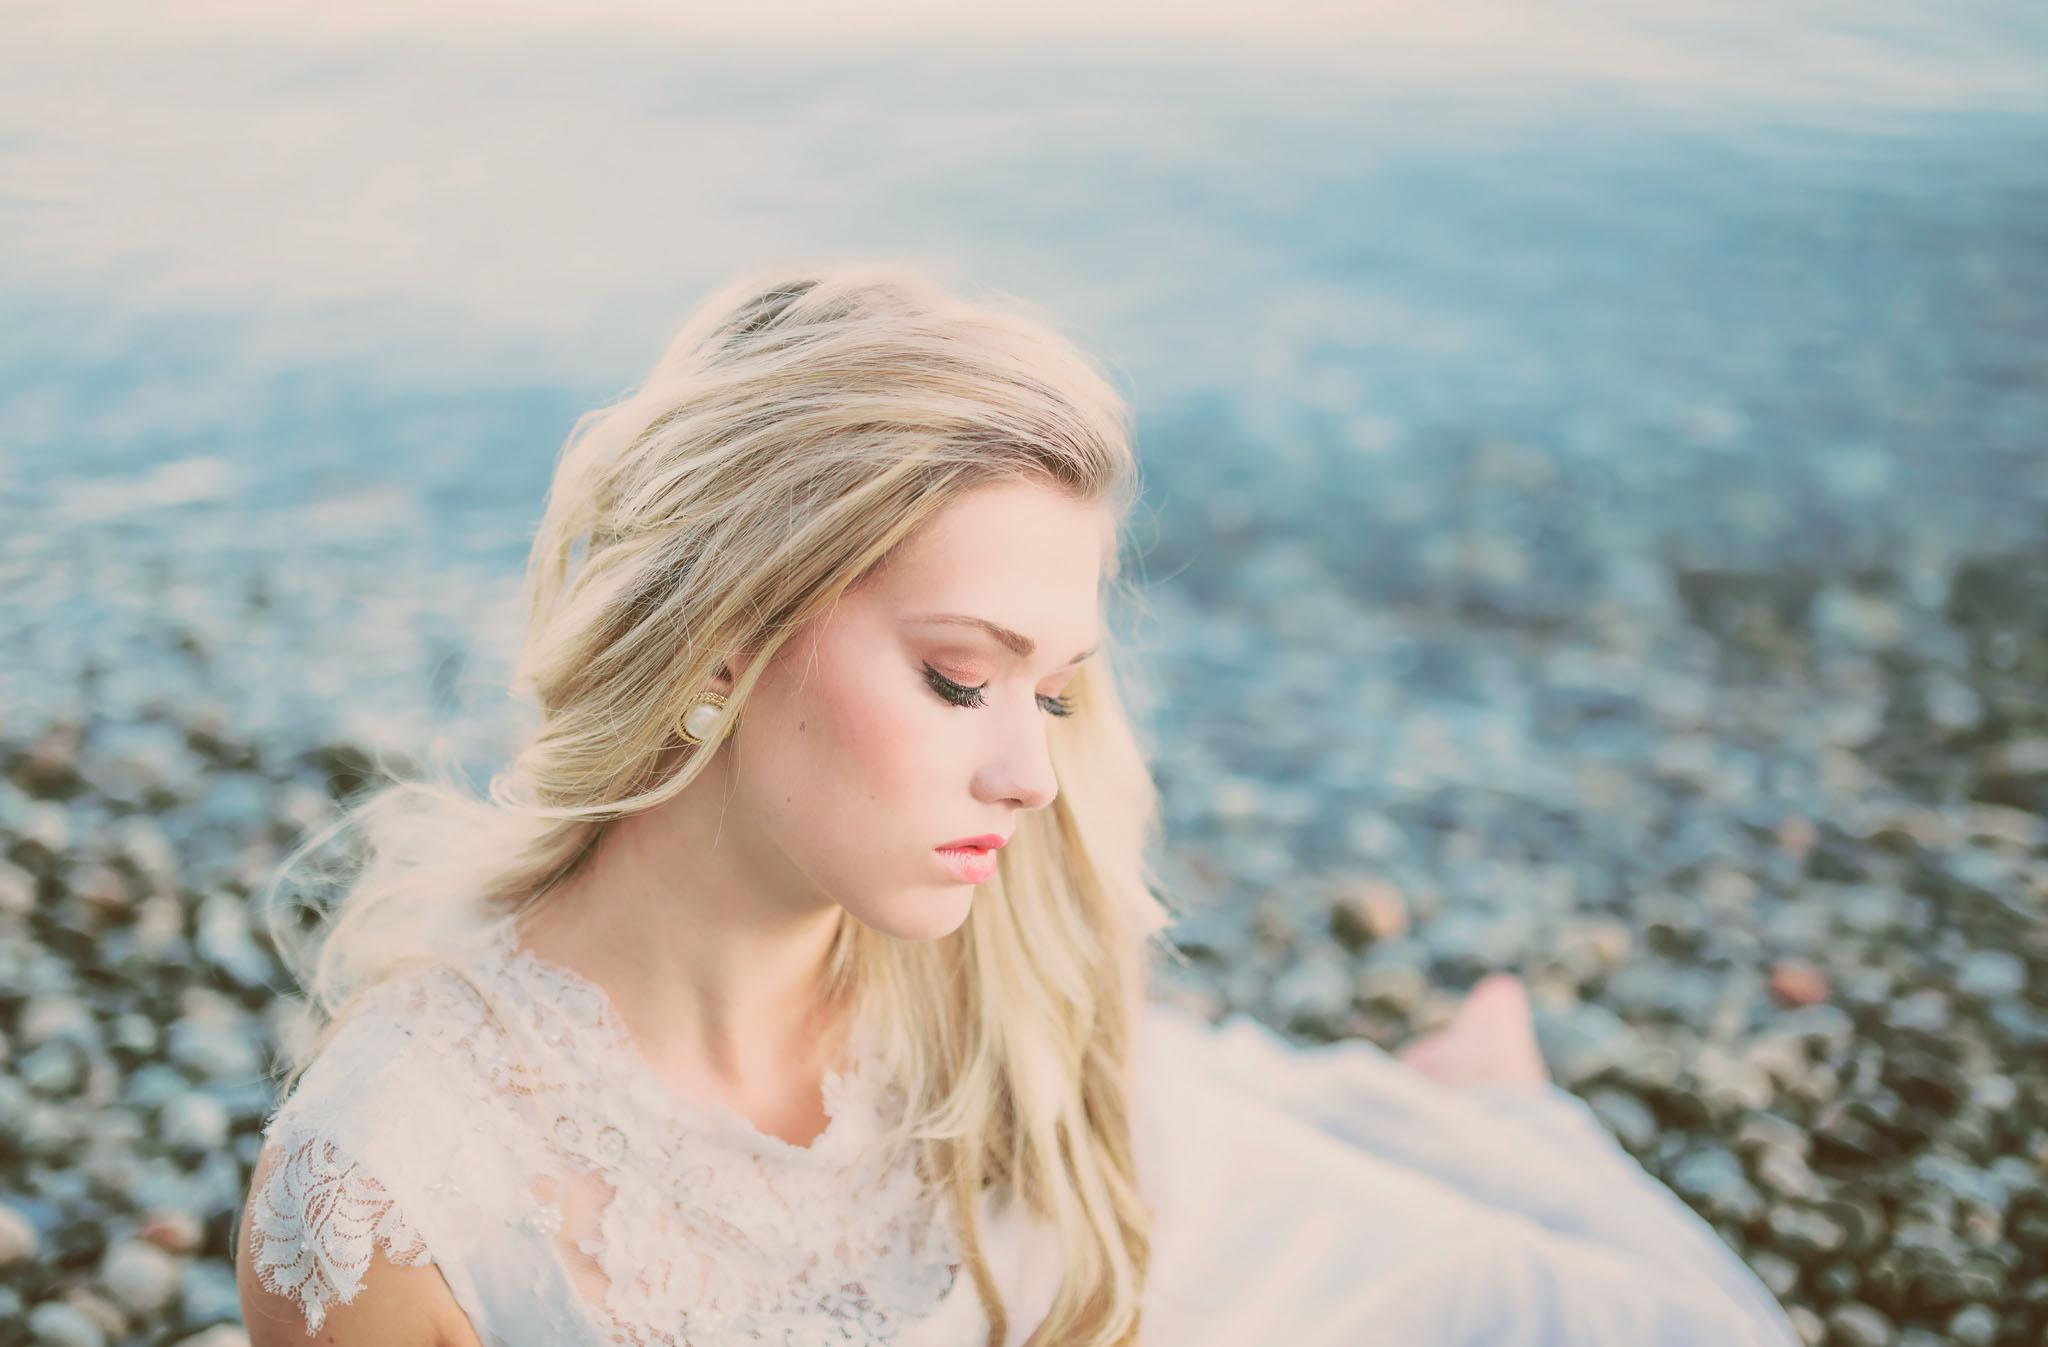 IMG_0598-WEB.jpgboho beach bridal shoot, jennifer picard photography, sunshine coast bc wedding photographer